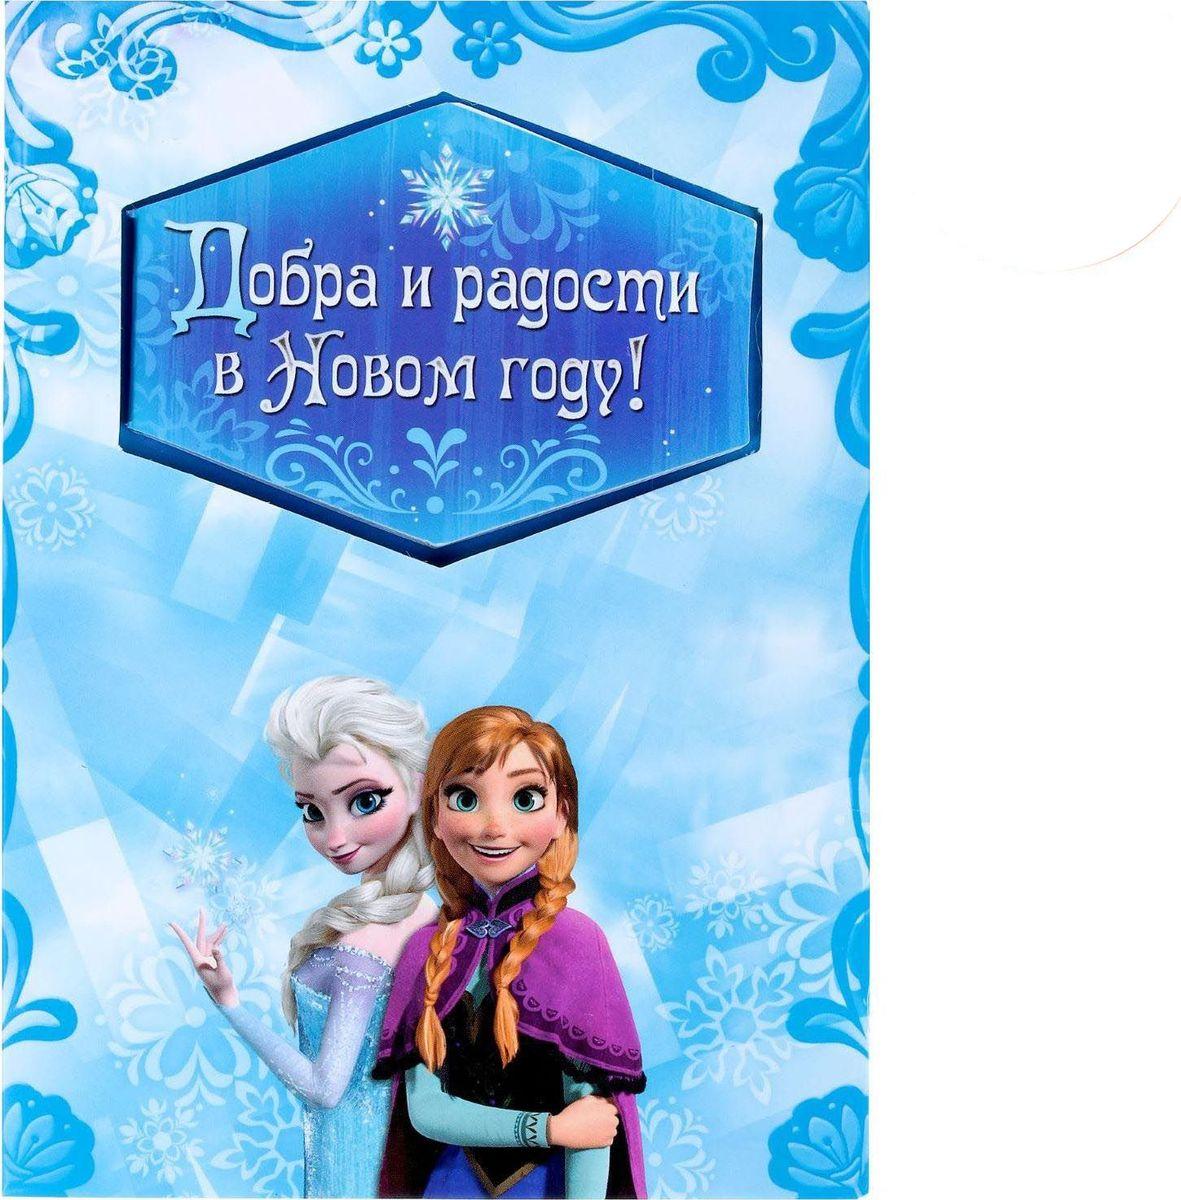 Disney Набор с блокнотом и открыткой Холодное сердце Добра и радости в новом году72523WDПисать заметки веселее с Disney! Открытка с блокнотом Добра и радости в новом году!, Холодное сердце — прекрасный подарок для малышей. Любимые герои мультфильмов, нарисованные на открытке, сделают любой день юного владельца чуточку лучше. Ведь так здорово писать заметки, разглядывая очаровательные картинки! Блокнот надежно сохранит список дел или контактов, а открытка с пожеланием и добрыми словами будет спустя годы радовать подросшего малыша. Внутри есть специальное поле для имени получателя и личных пожеланий дарителя.